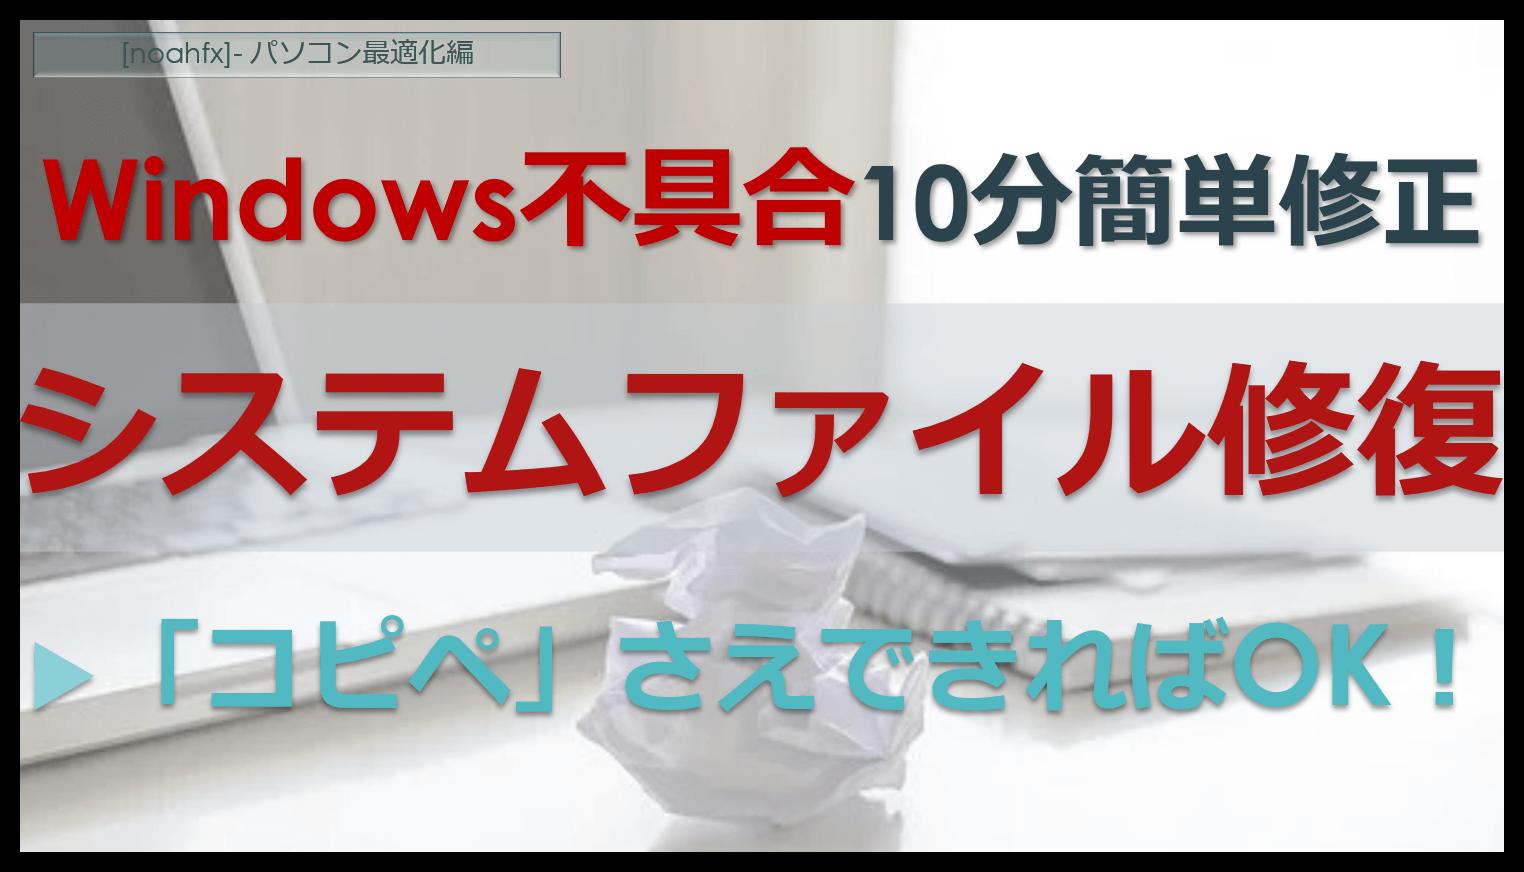 Windowsのシステムファイル・イメージの修復 パソコン初心者